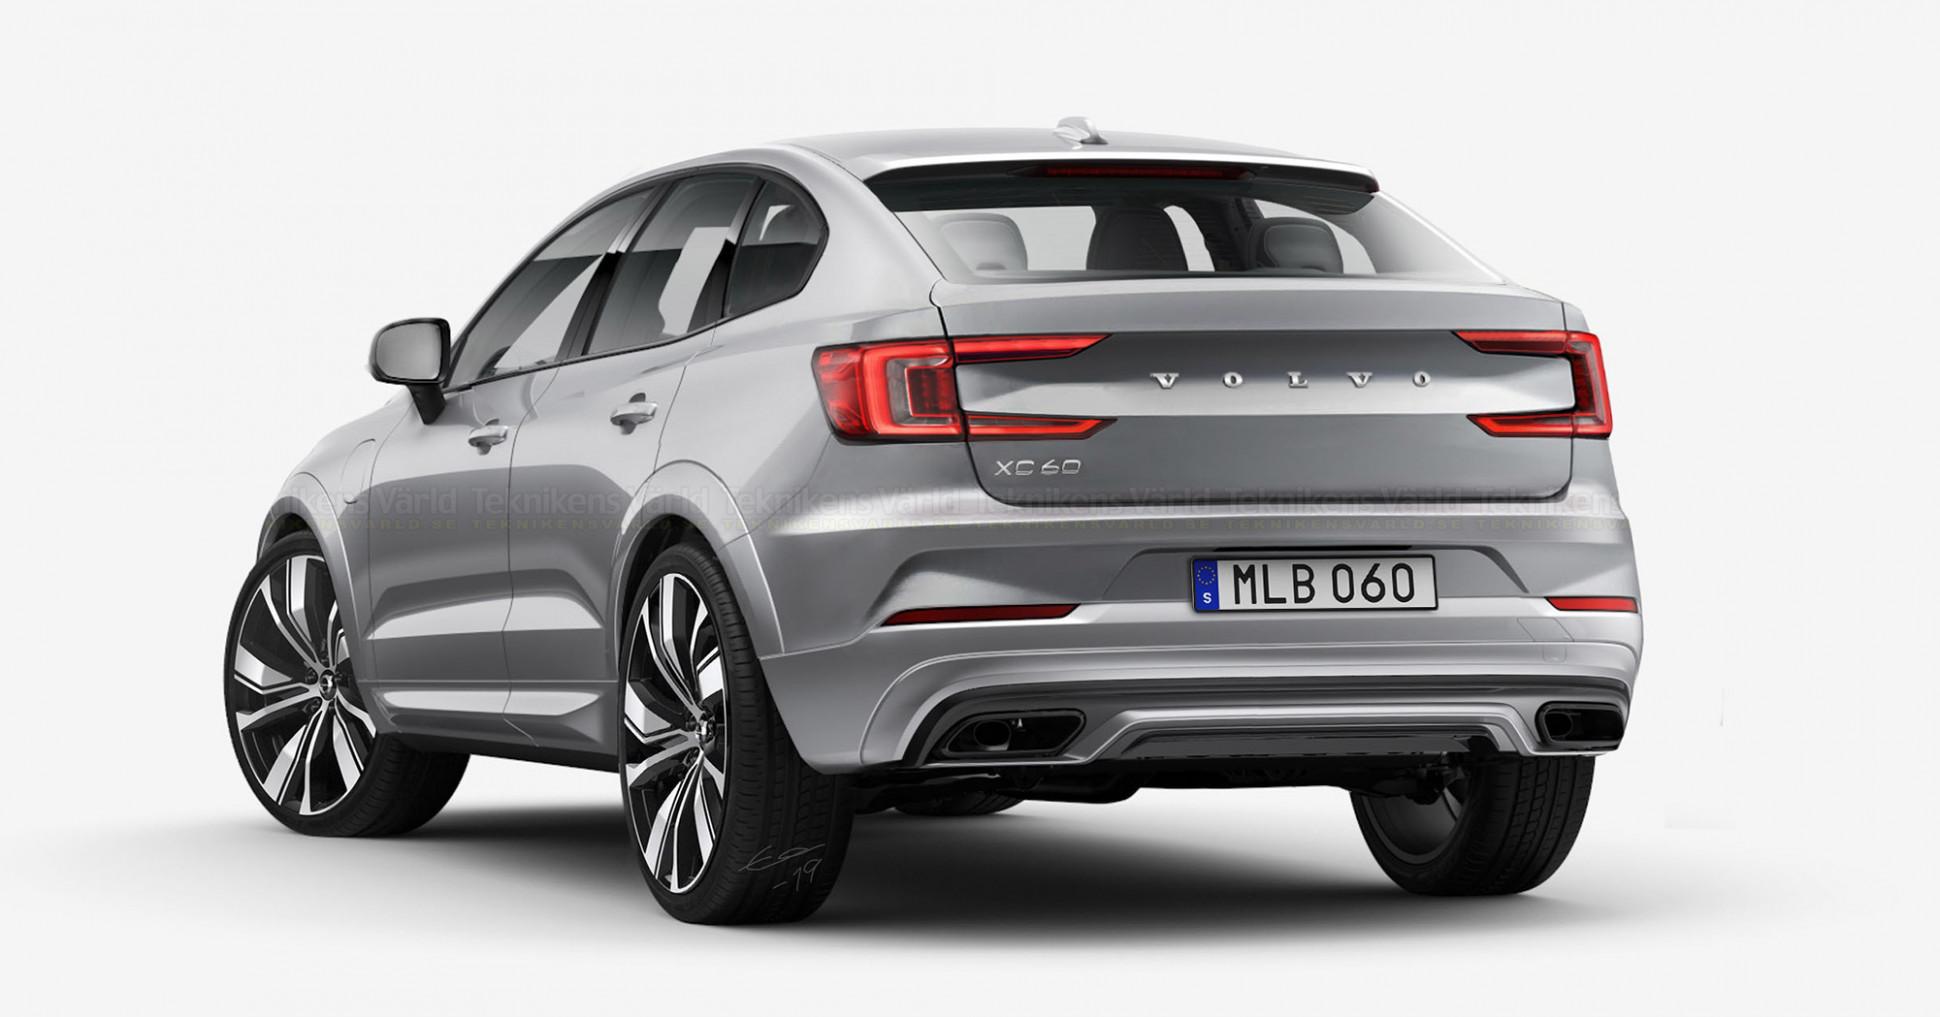 Spesification Volvo Modellår 2022